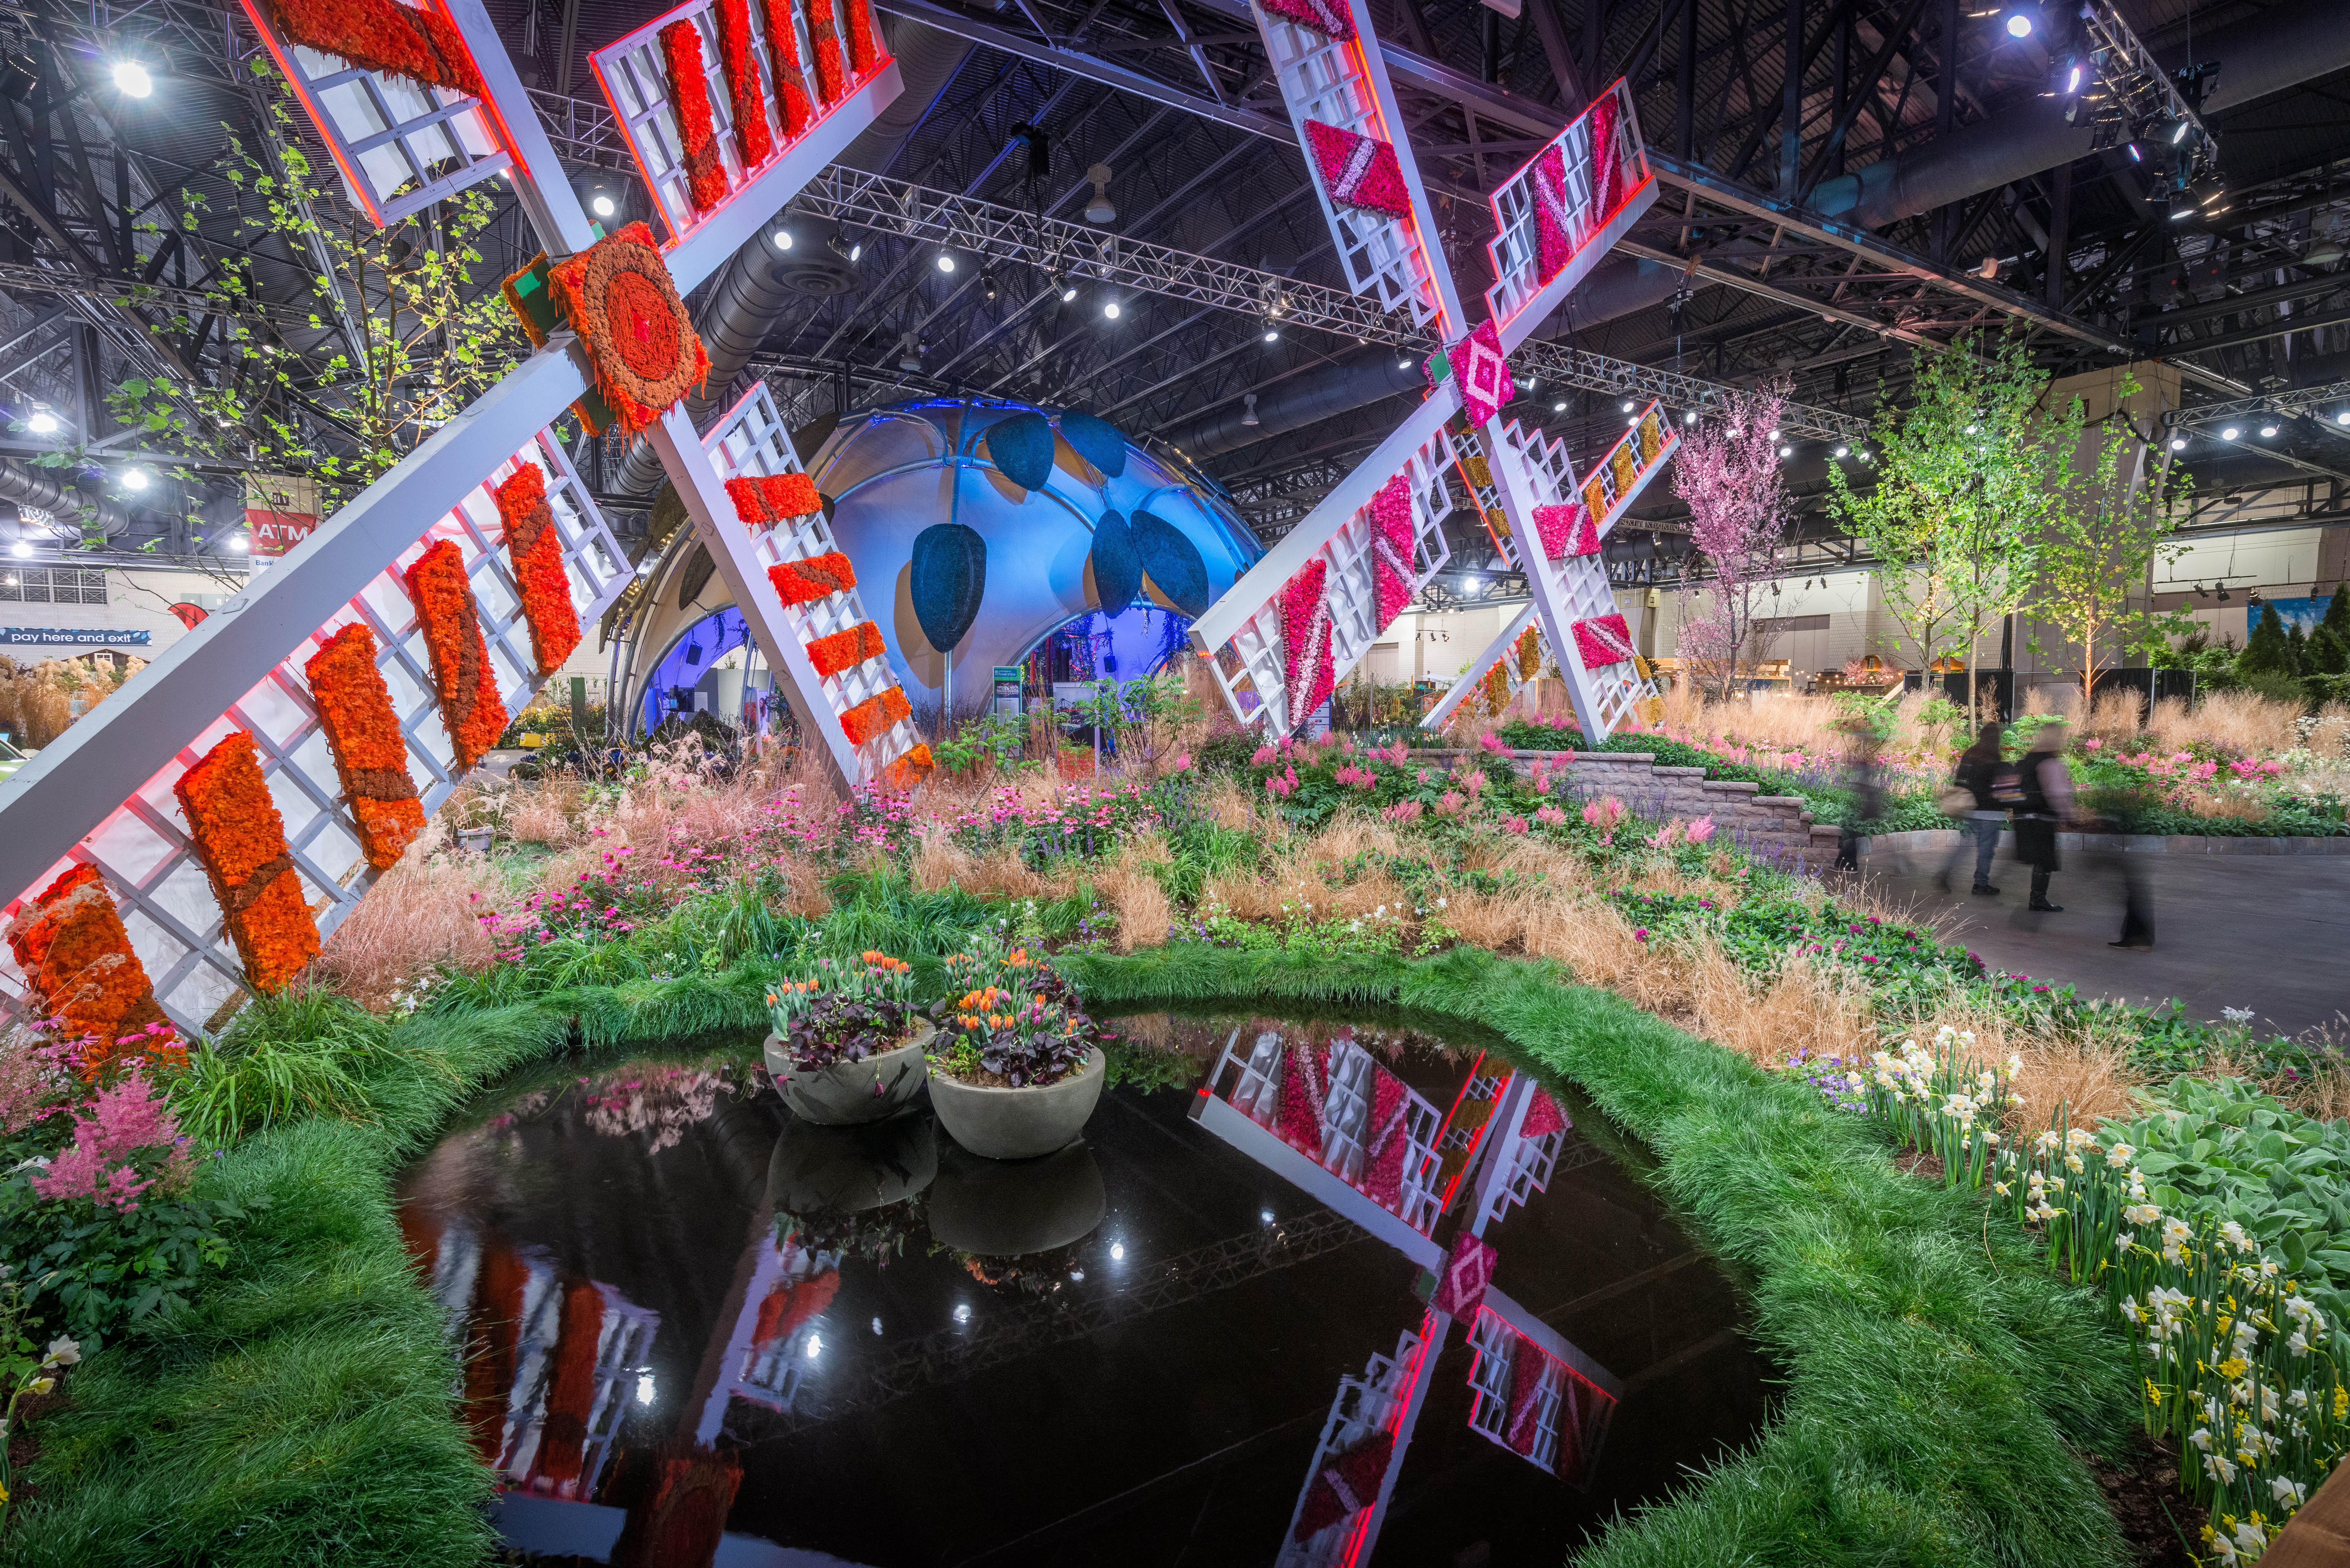 Gran Jardinería: Una visita a Filadelfia Espectáculo de las Flores - El ... - Buffalo News 2